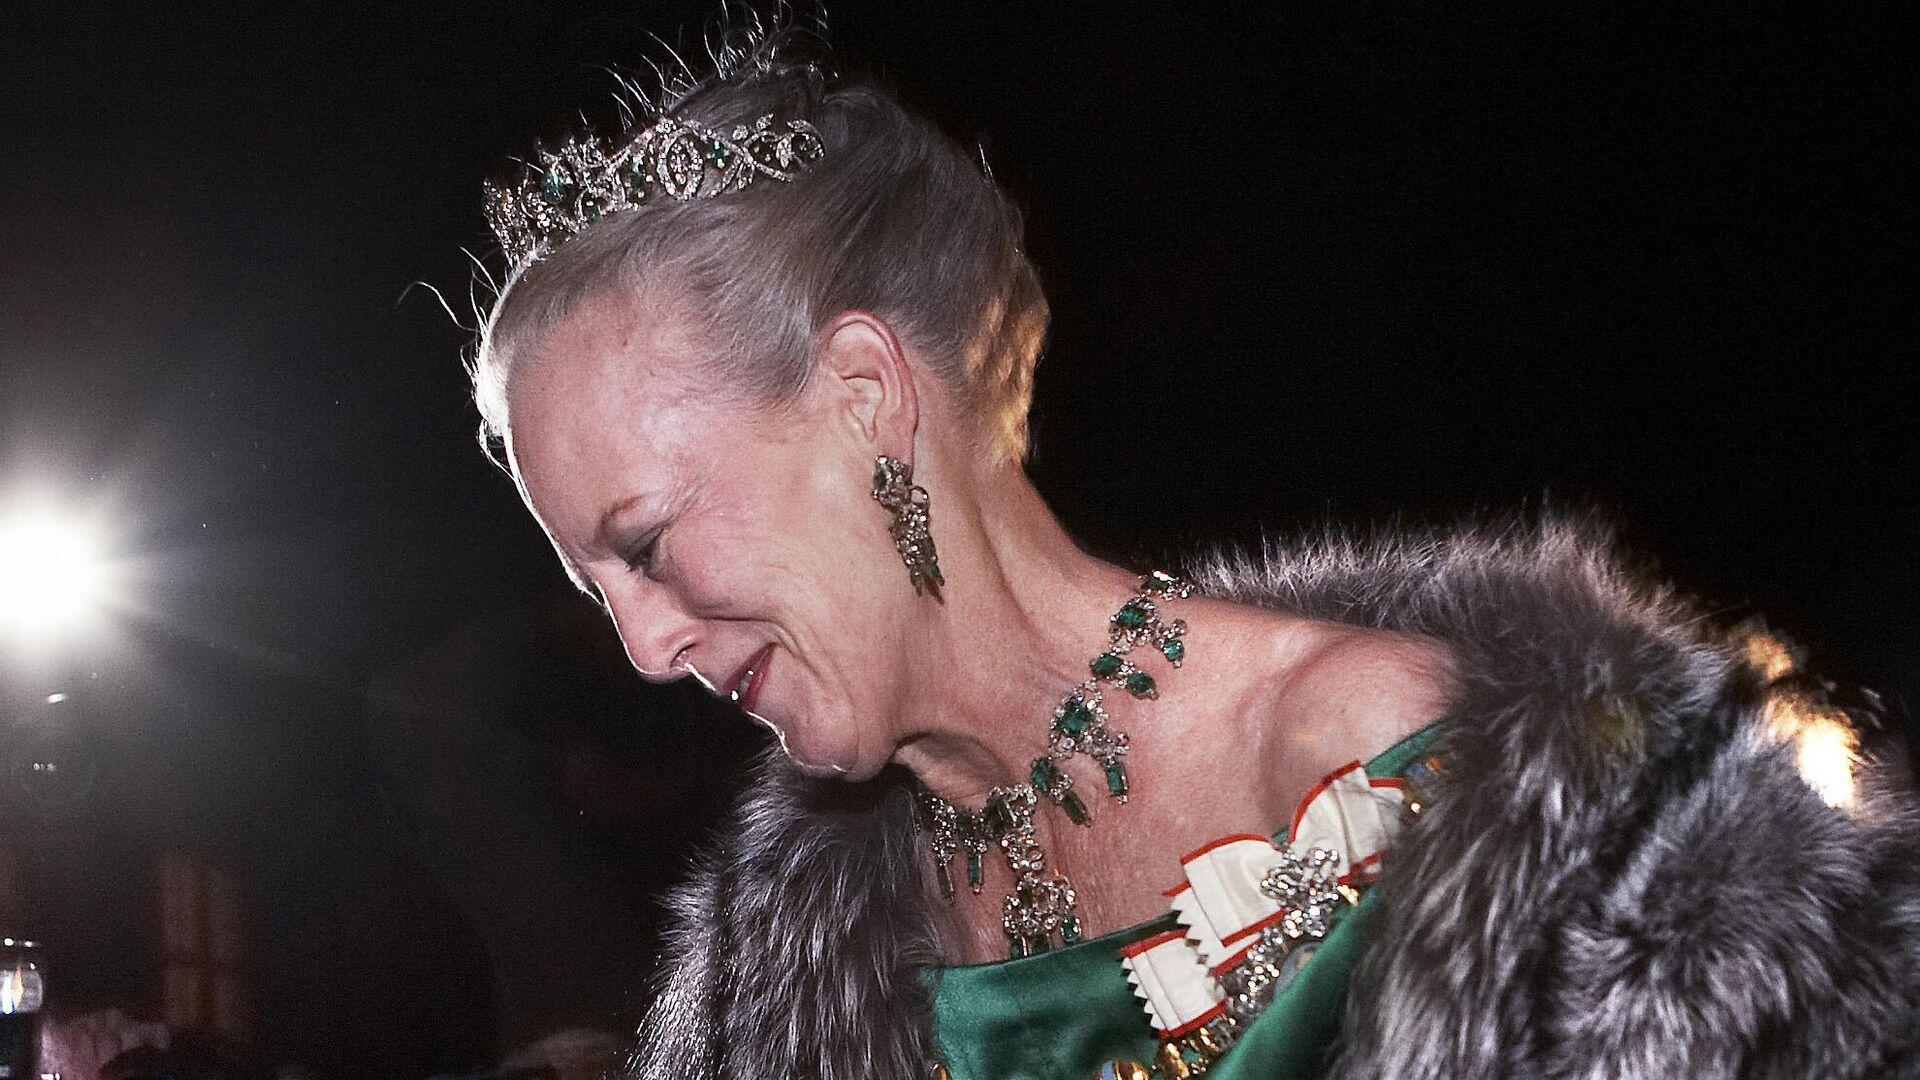 Margarita II, reina de Dinamarca, llega a la ceremonia de celebración de Año Nuevo el 1 de enero de 2007 - Sputnik Mundo, 1920, 13.07.2021